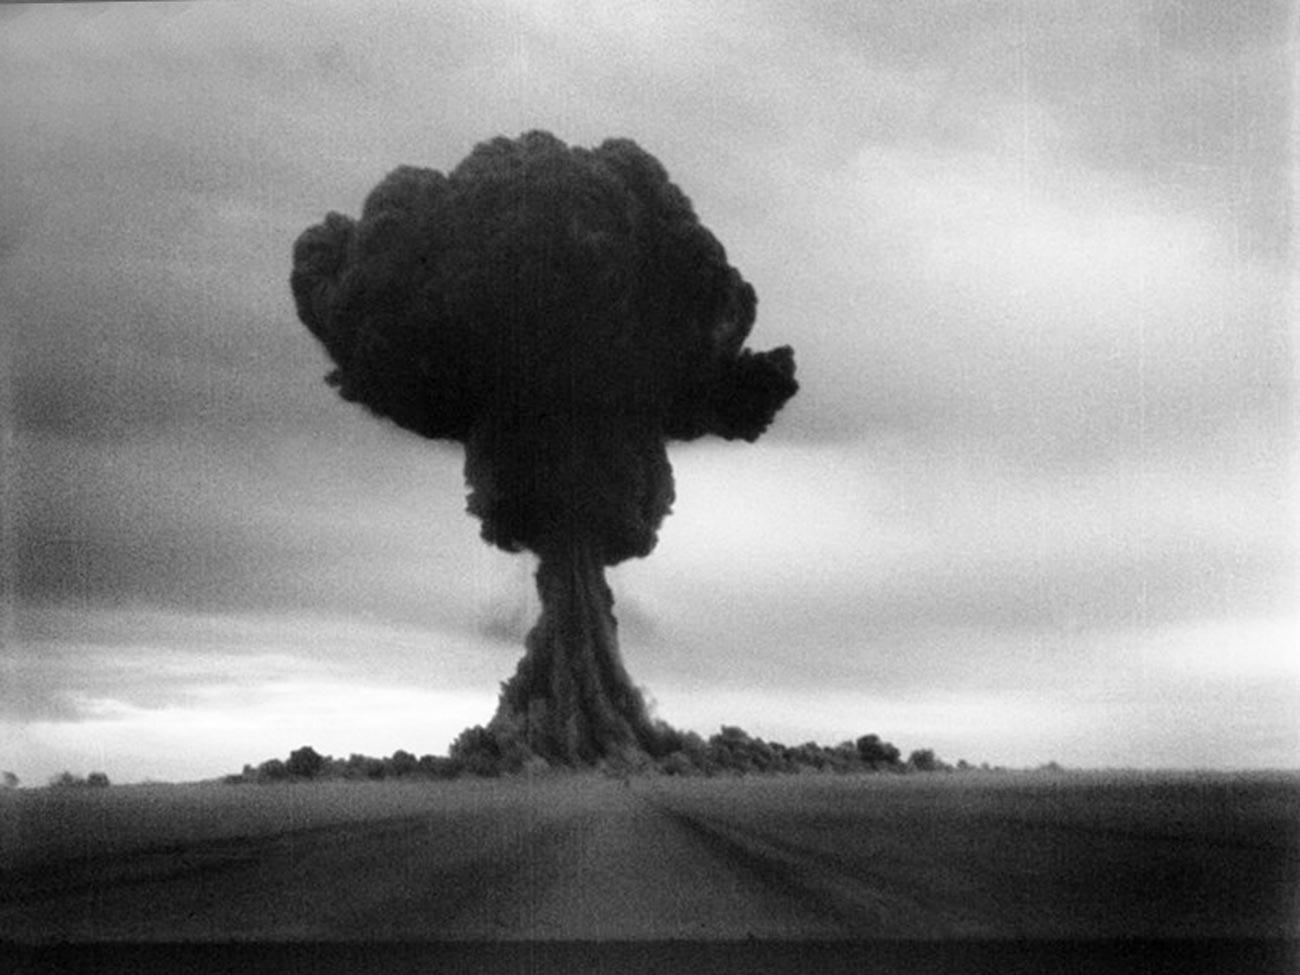 Uni Soviet meledakkan bom atom pertamanya di Situs Uji Semipalatinsk, Kazakhstan, pada 29 Agustus 1949.